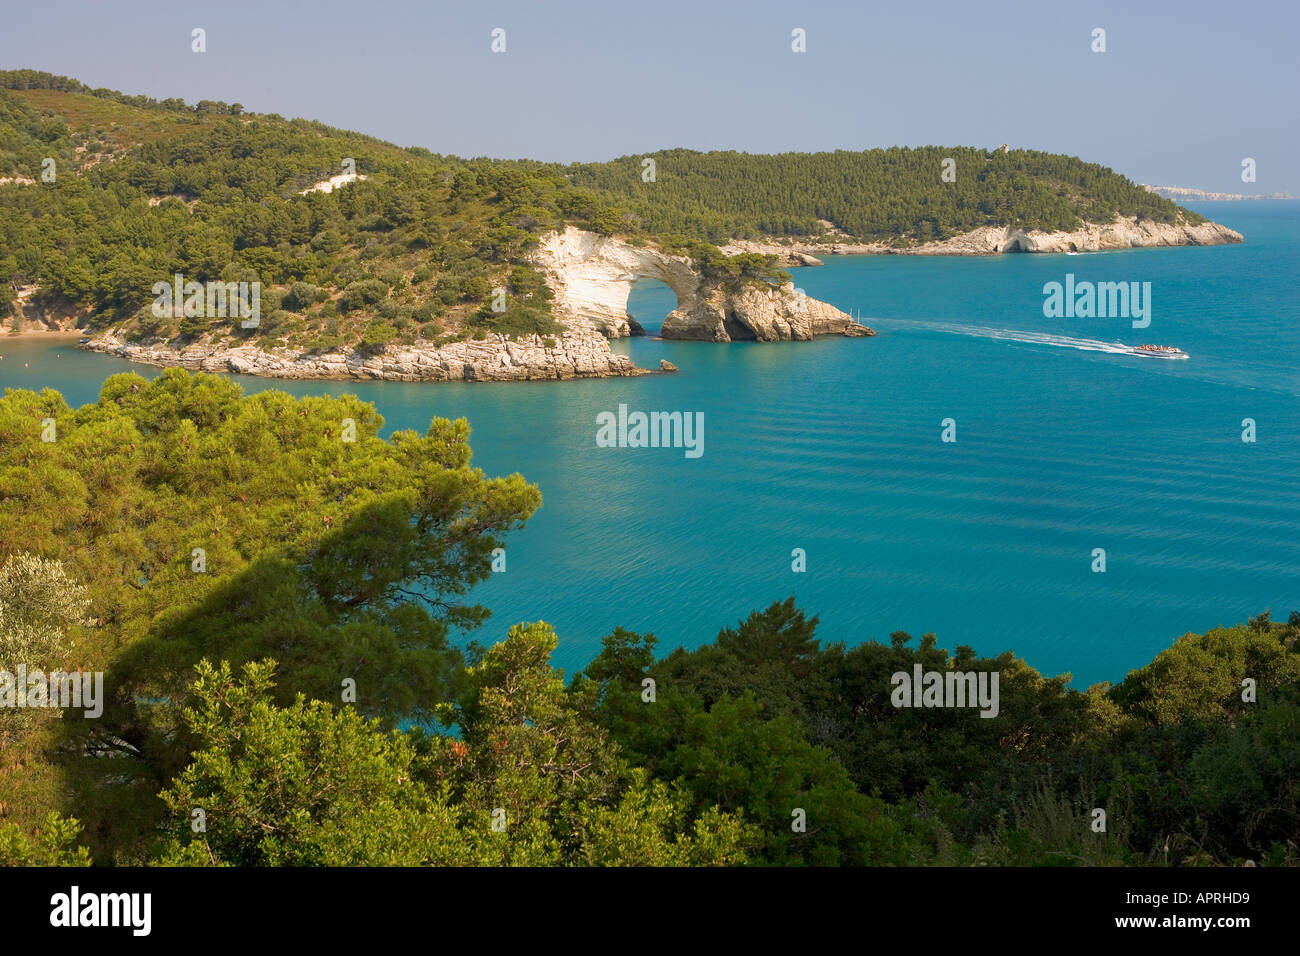 Near Vieste Promontorio Del Gargano Puglia Italy - Stock Image